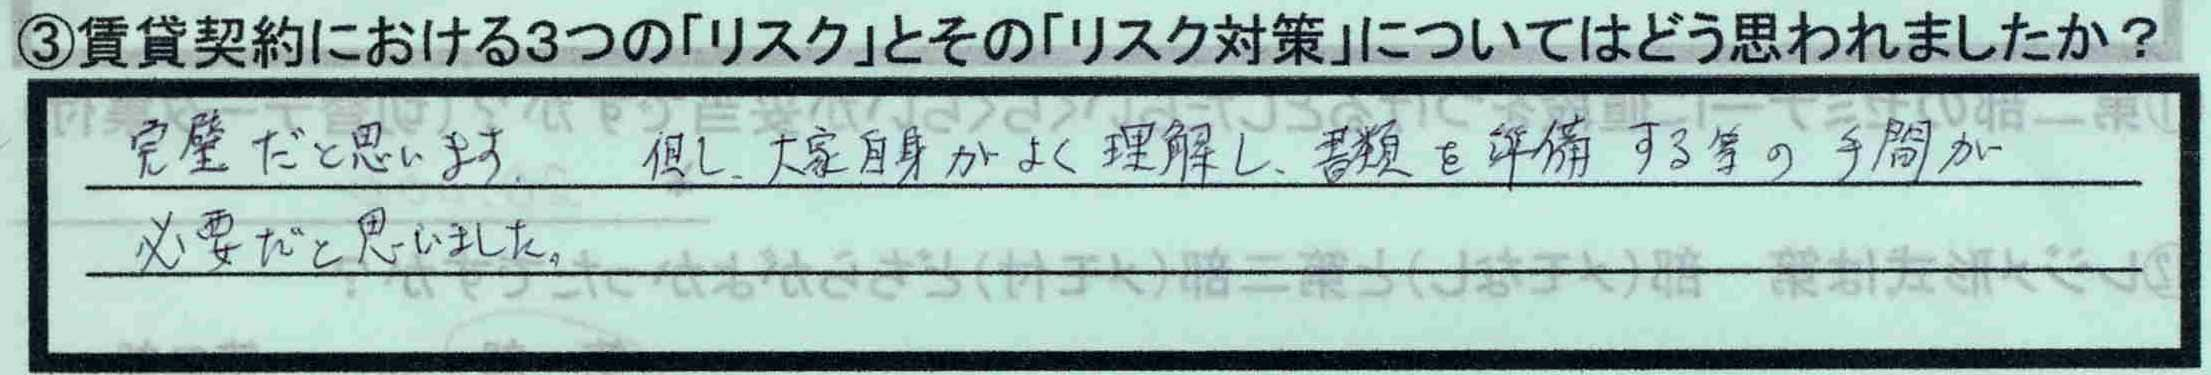 【東京都中央区】【小原洋一さん】【リスク対策について】